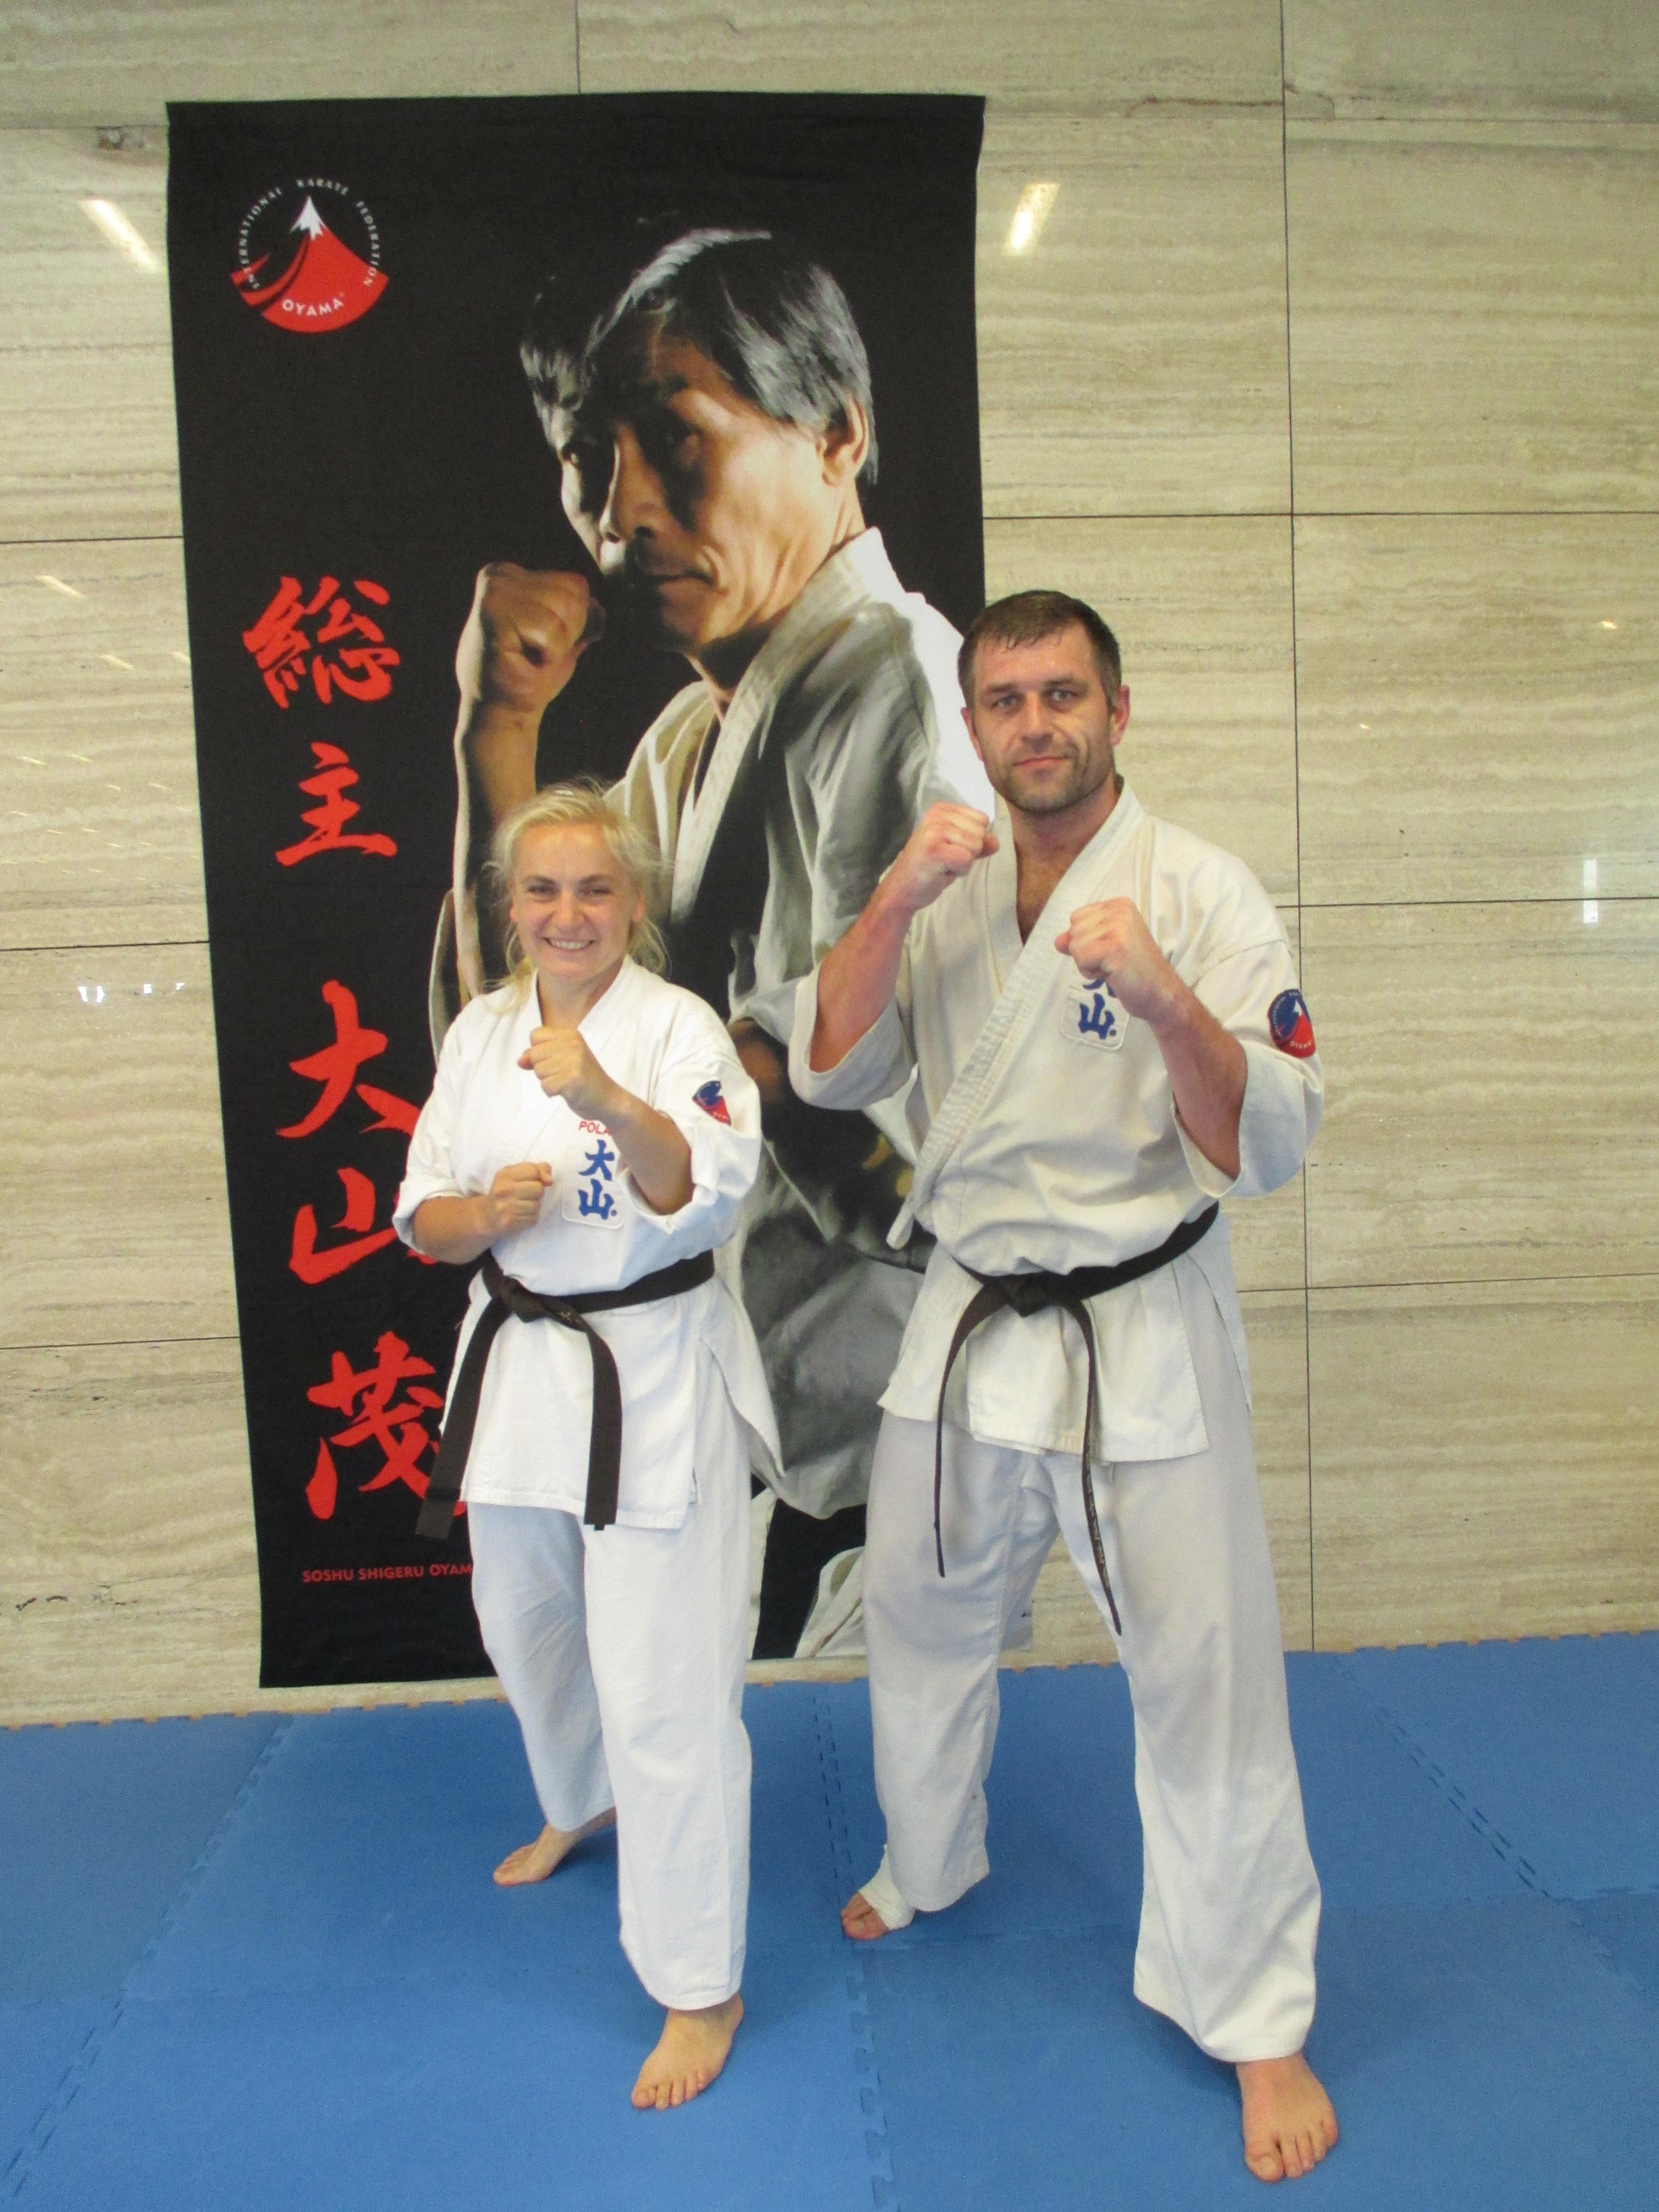 Anna Niemas i Łukasz Dadak z Klubu Oyama Karate Brzeszcze mogą się poszczycić czarnymi pasami. Fot. zbiory KOK Brzeszcze